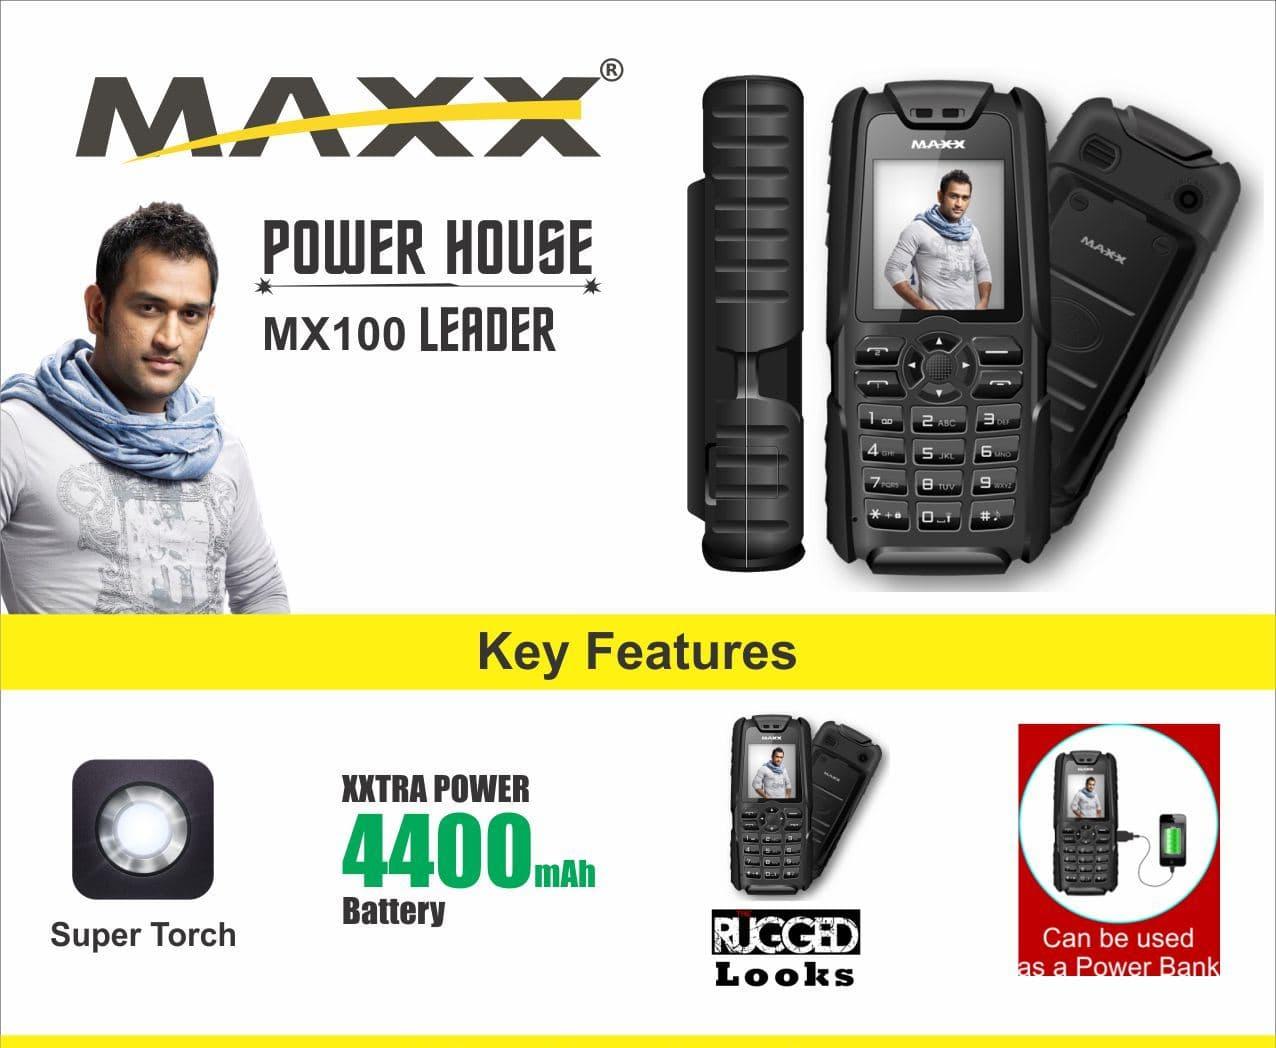 Maxx_MX100_Leader_Power-House